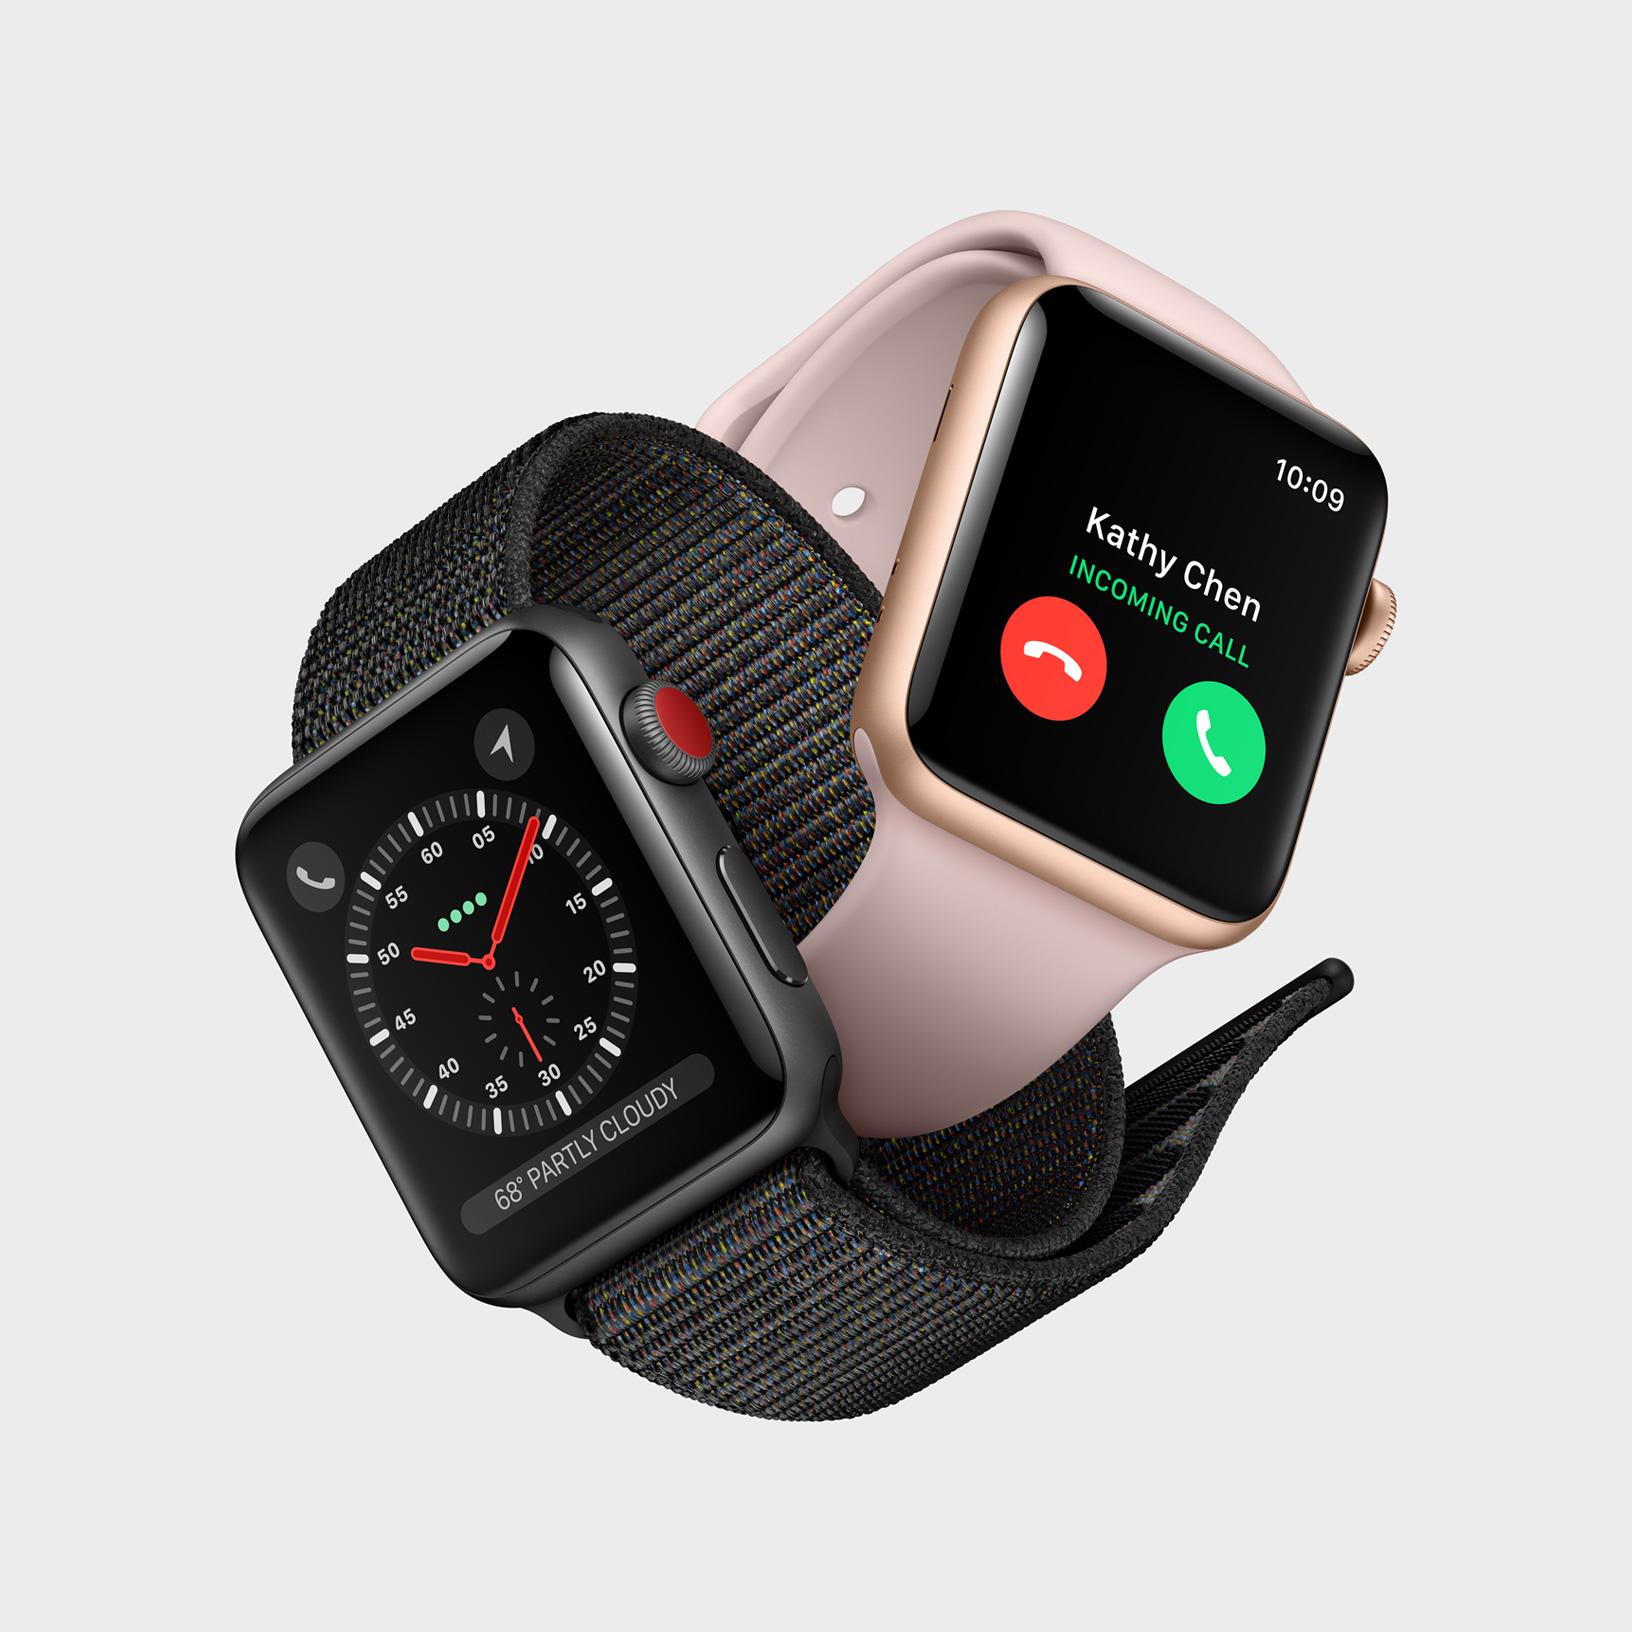 Apple : les accessoires et services de l'iPhone tirent les résultats